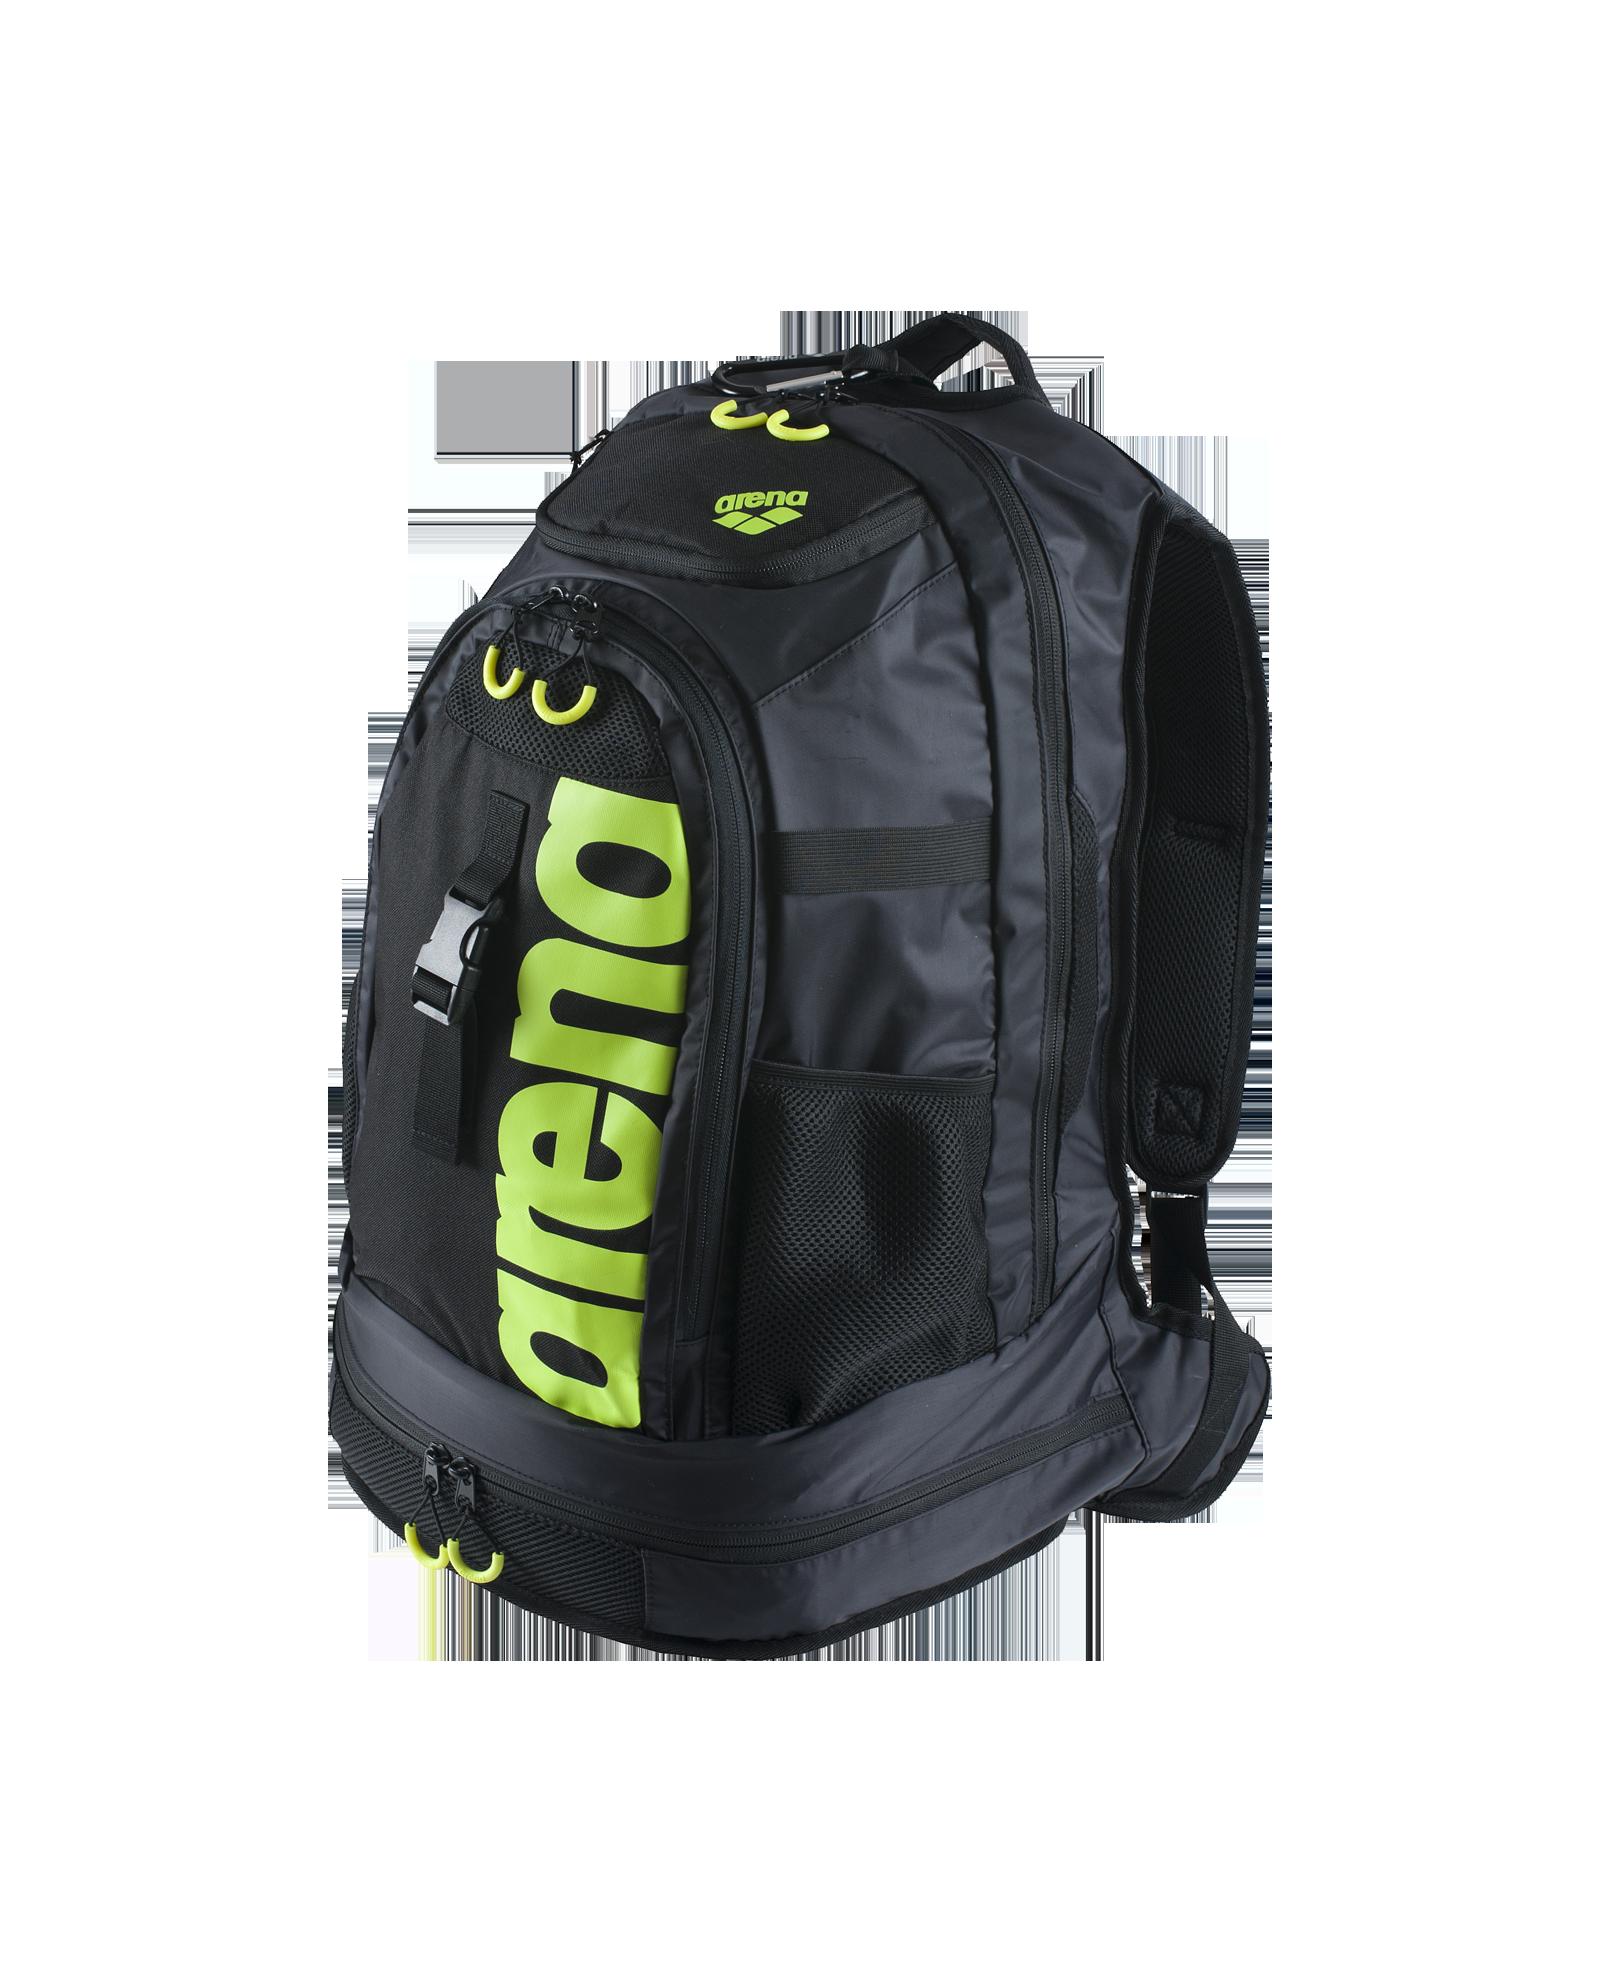 Arenashop.ru представляет вашему вниманию рюкзак Fastpack 2.0 из коллекции Arena Осень-Зима 2013-2014.